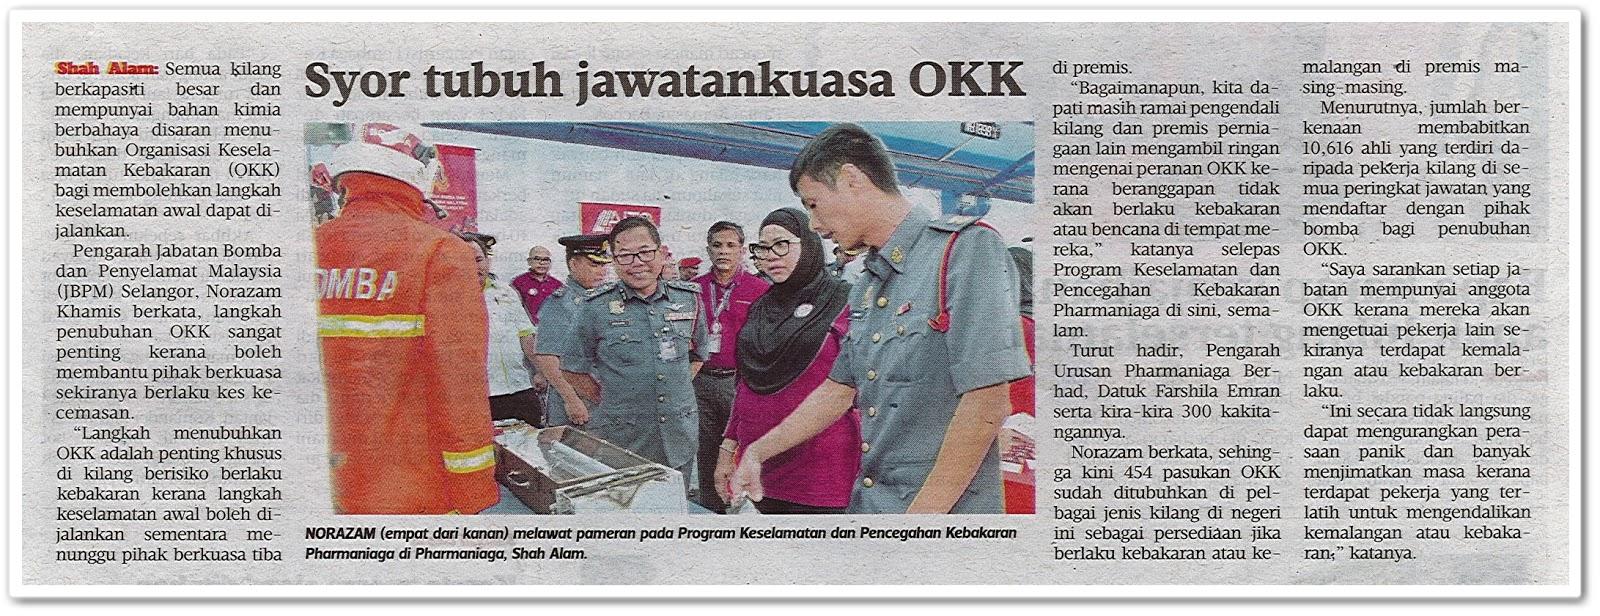 Syor tubuh jawatankuasa OKK - Keratan akhbar Harian Metro 10 Julai 2019